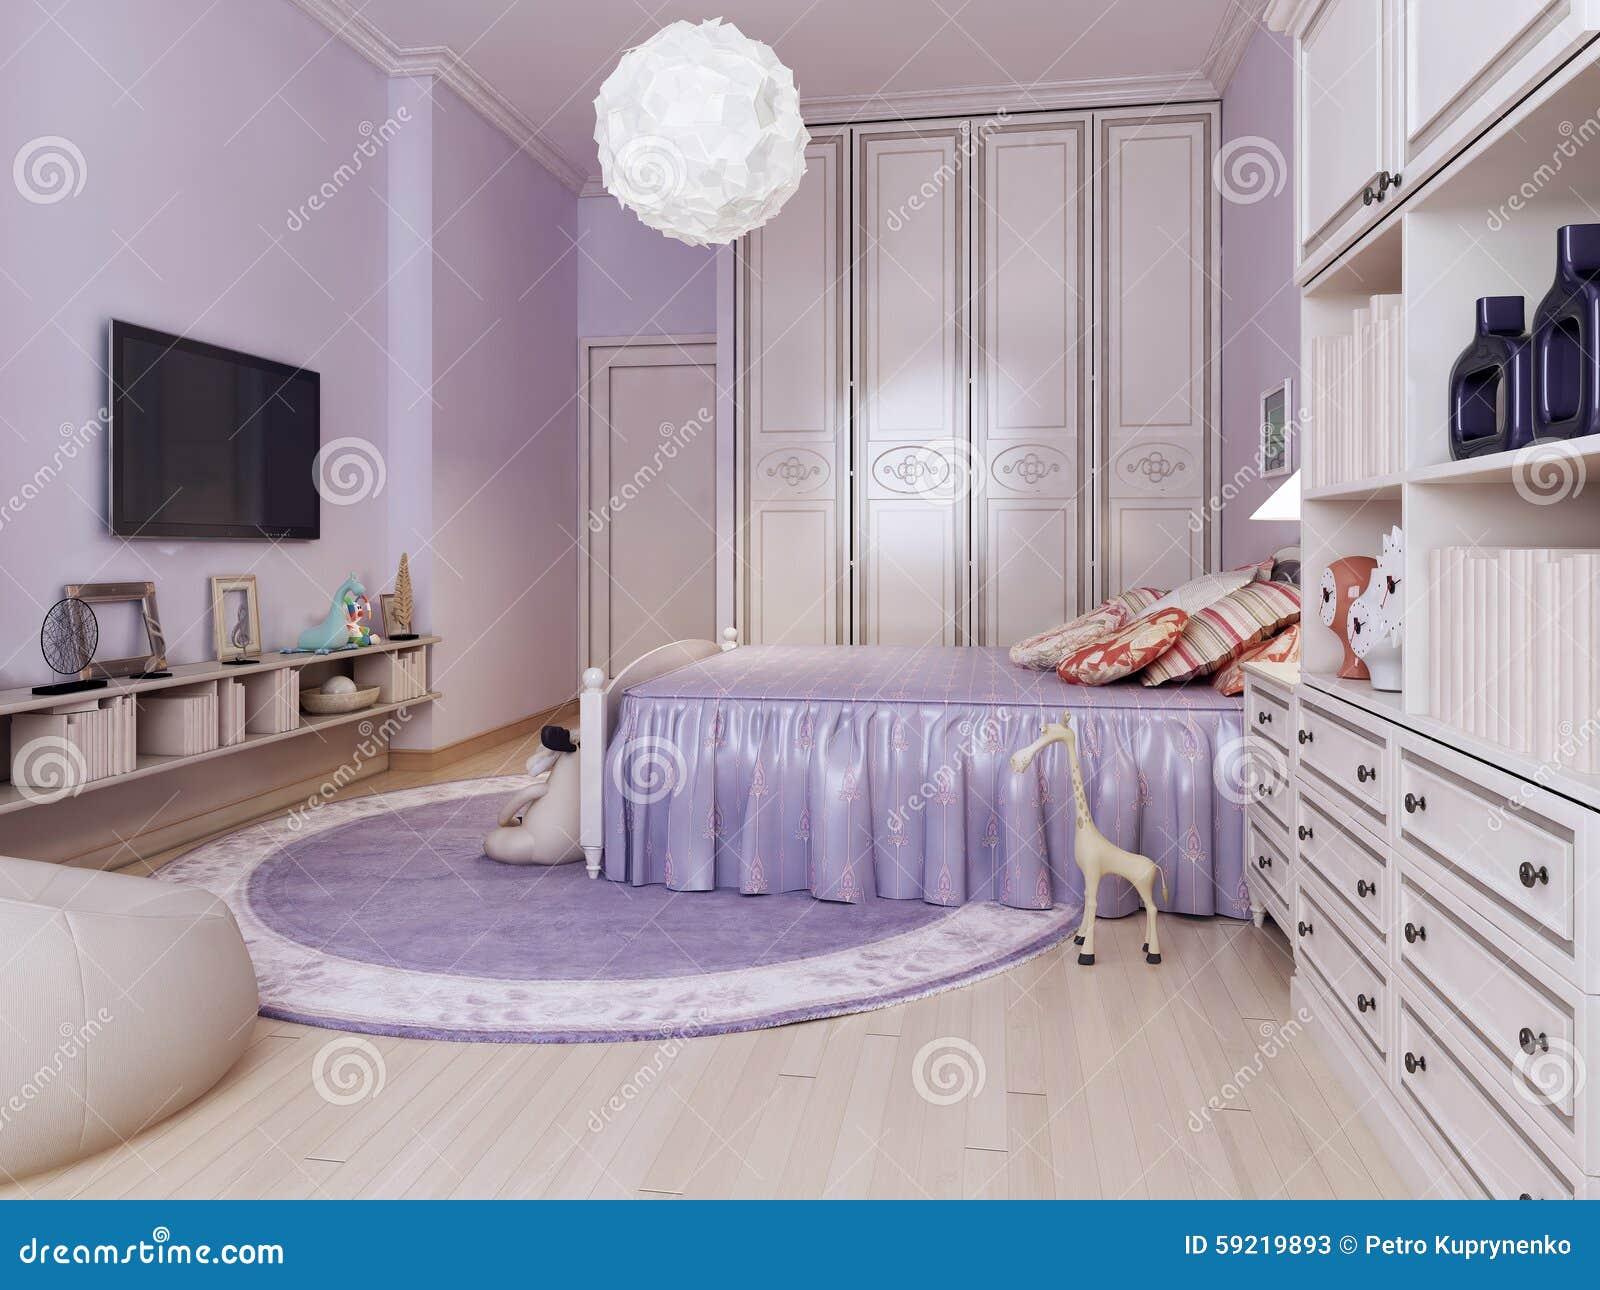 Idee van heldere slaapkamer voor meisjes stock afbeelding